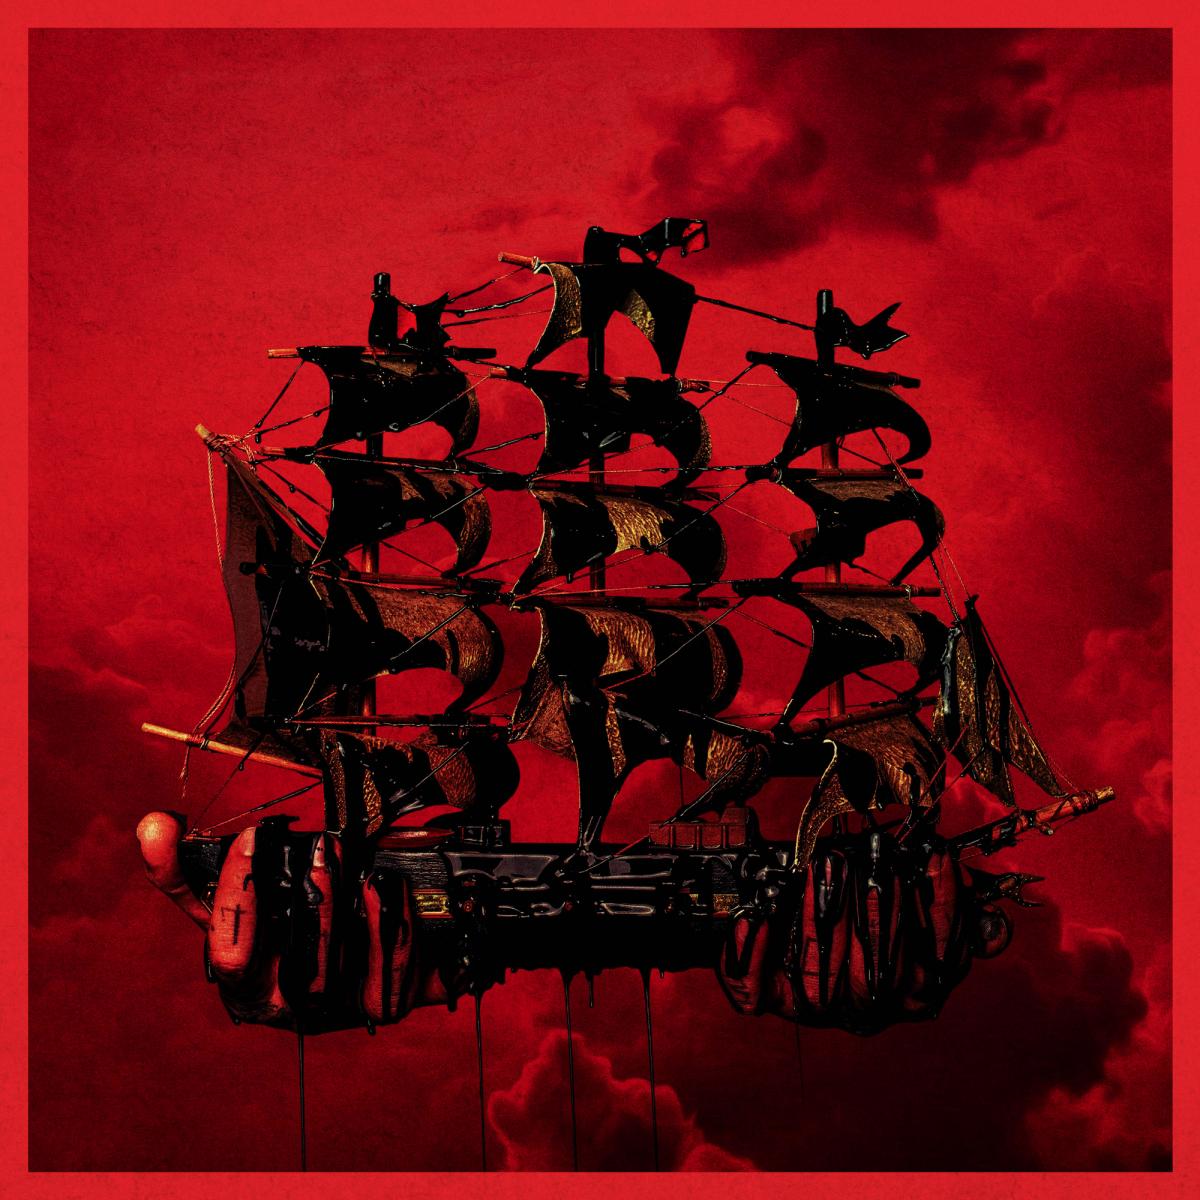 Перевод сингла «Row Your Boat»